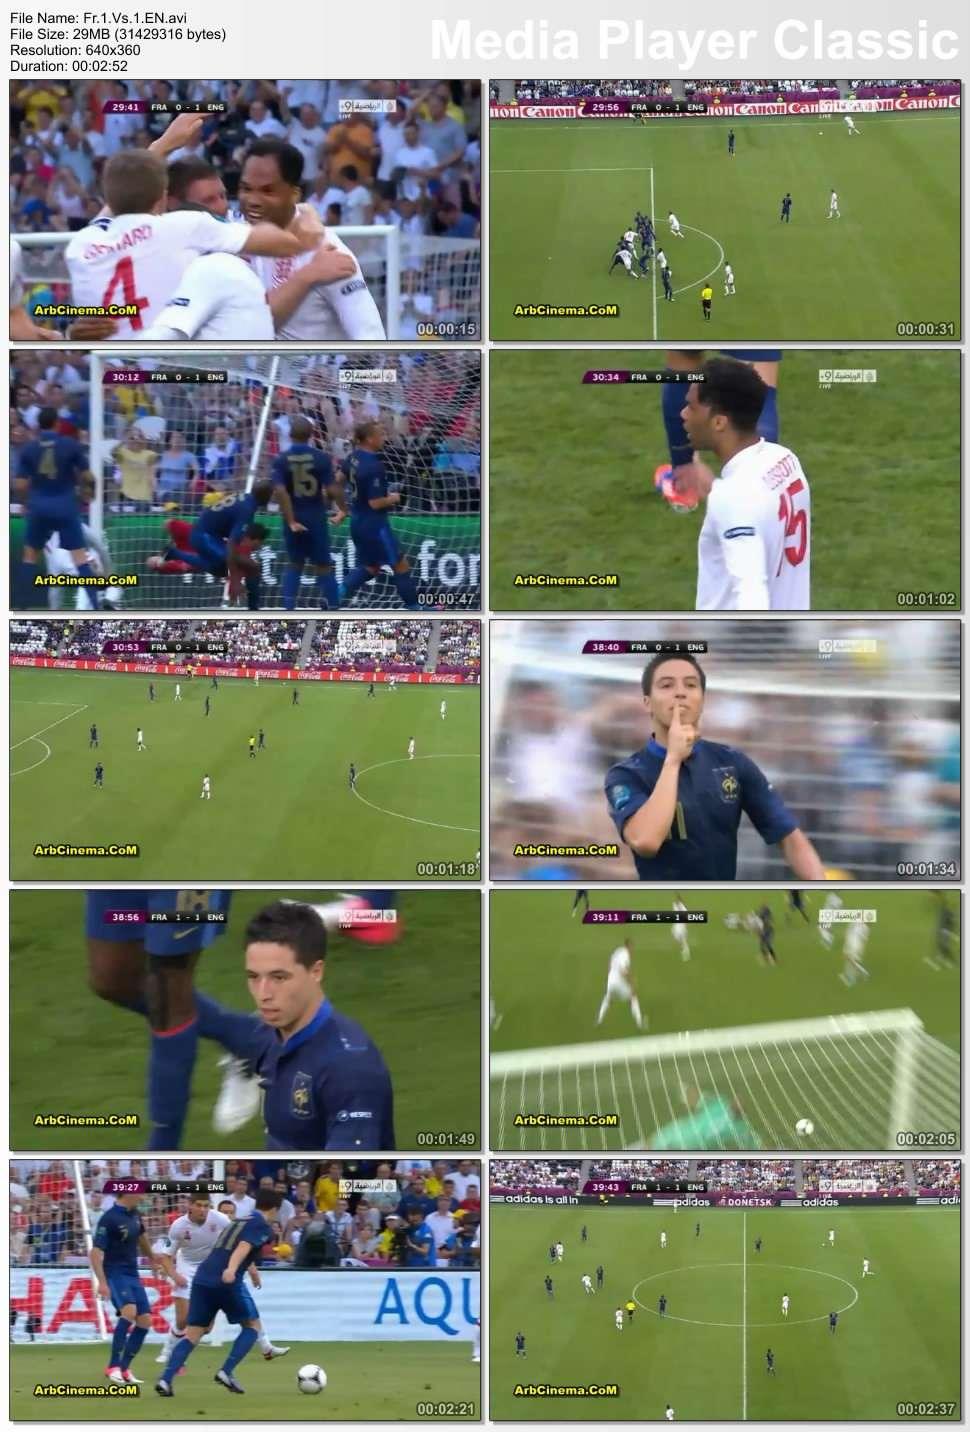 وانجلترا التعادل 2012 الأوروبية France thumb134.jpg